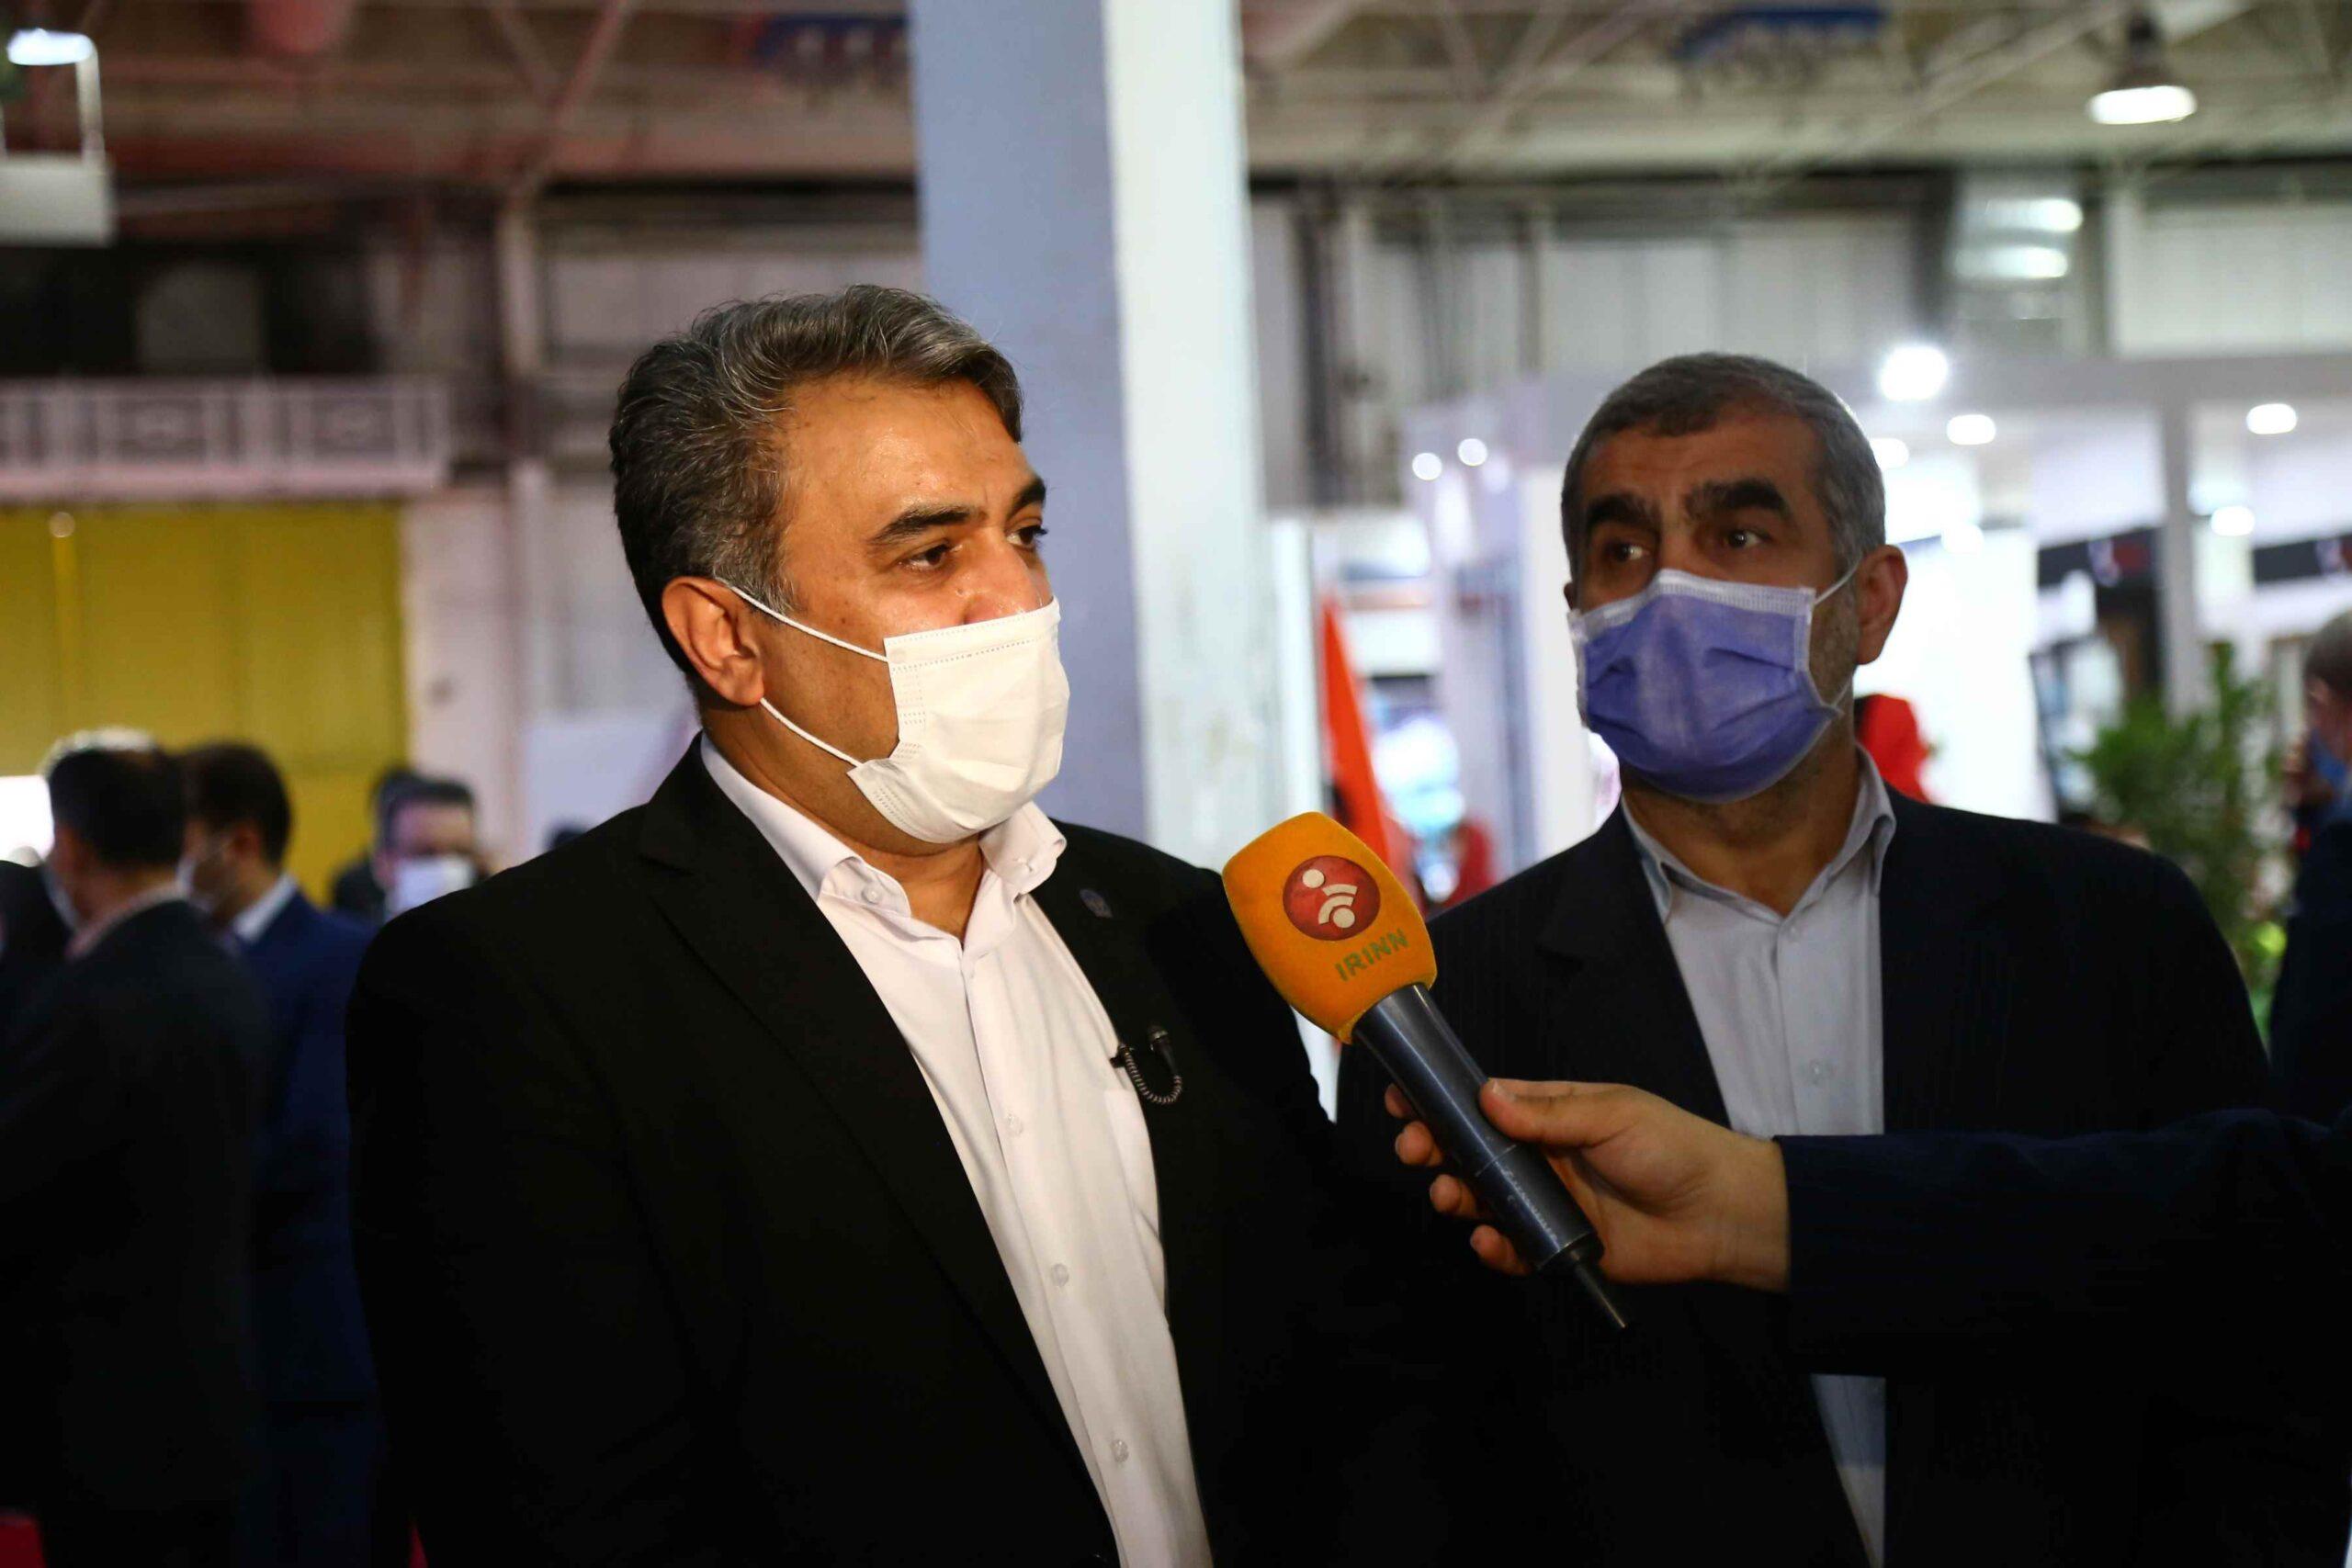 پیام دکتر بهمن حسین زاده | نمایشگاه در و پنجره | افتتاحیه